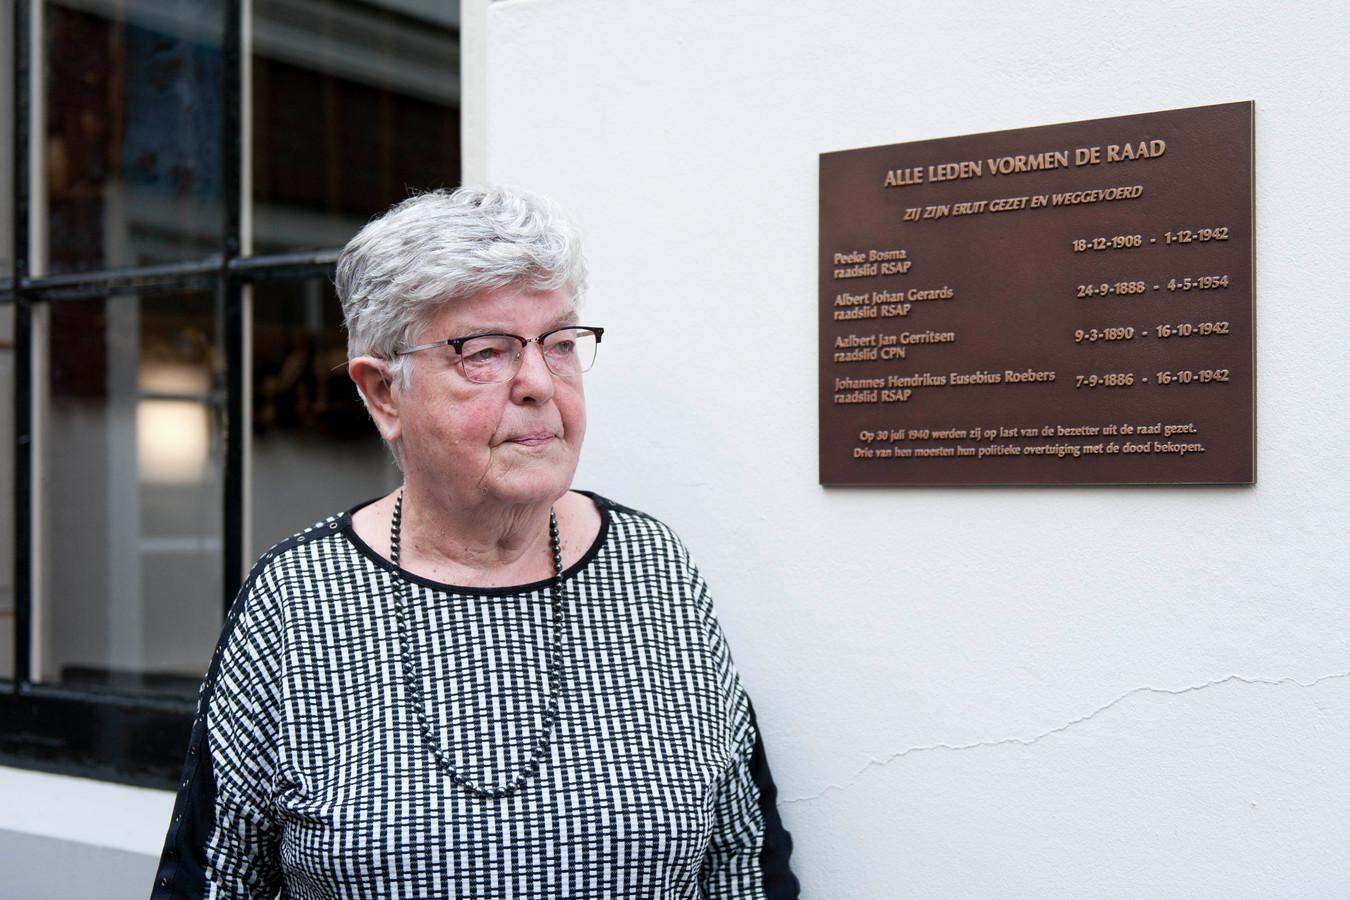 Onthulling van een plaquette in Deventer voor vier in de oorlog omgekomen gemeenteraadsleden/verzetsmensen.